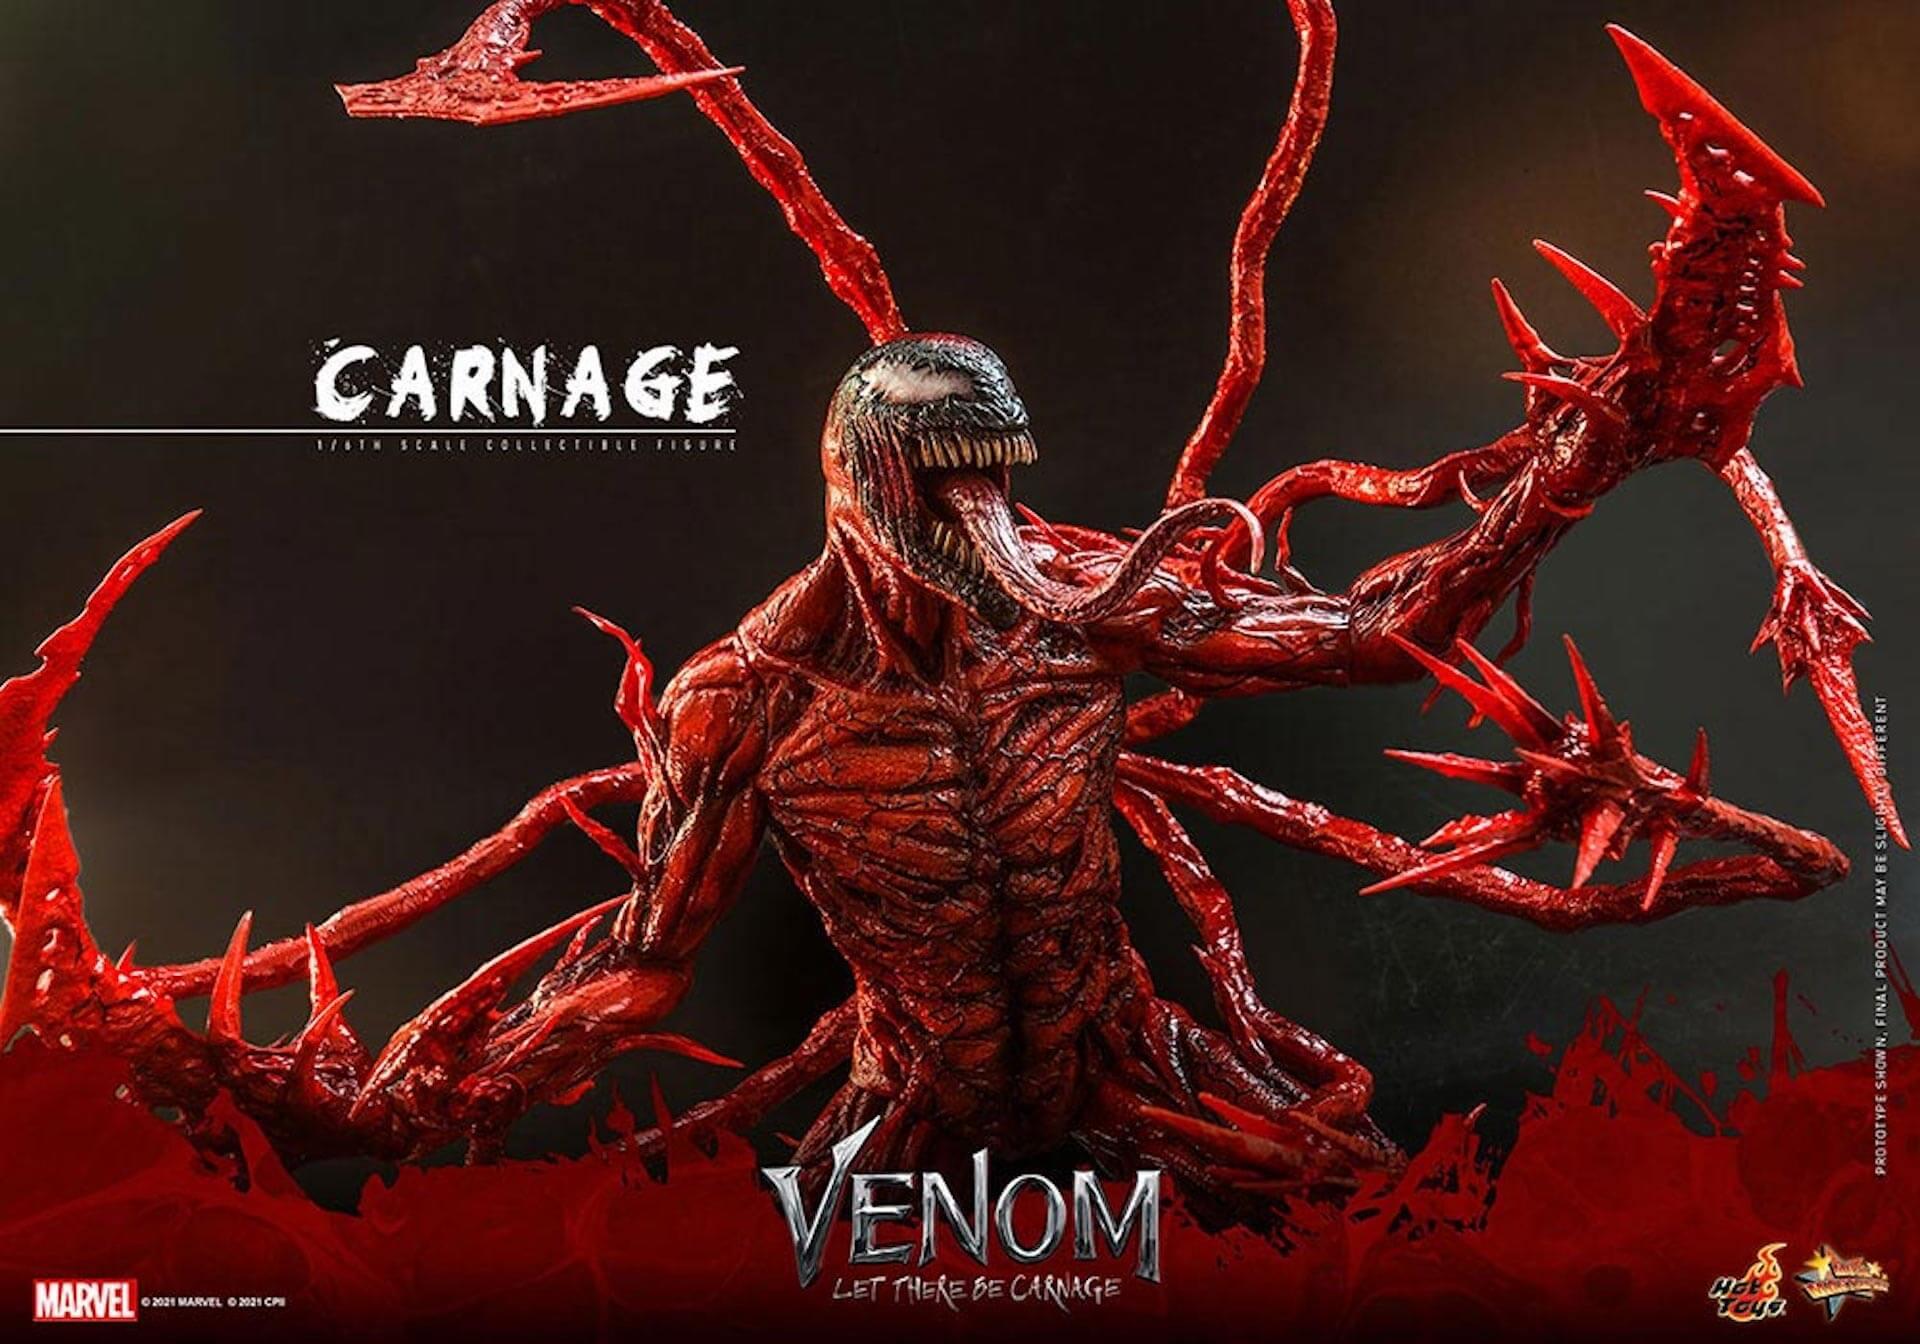 全米大ヒット中の『ヴェノム:レット・ゼア・ビー・カーネイジ』カーネイジがホットトイズでフィギュア化! art211007_venom_carnage_hottoys_8